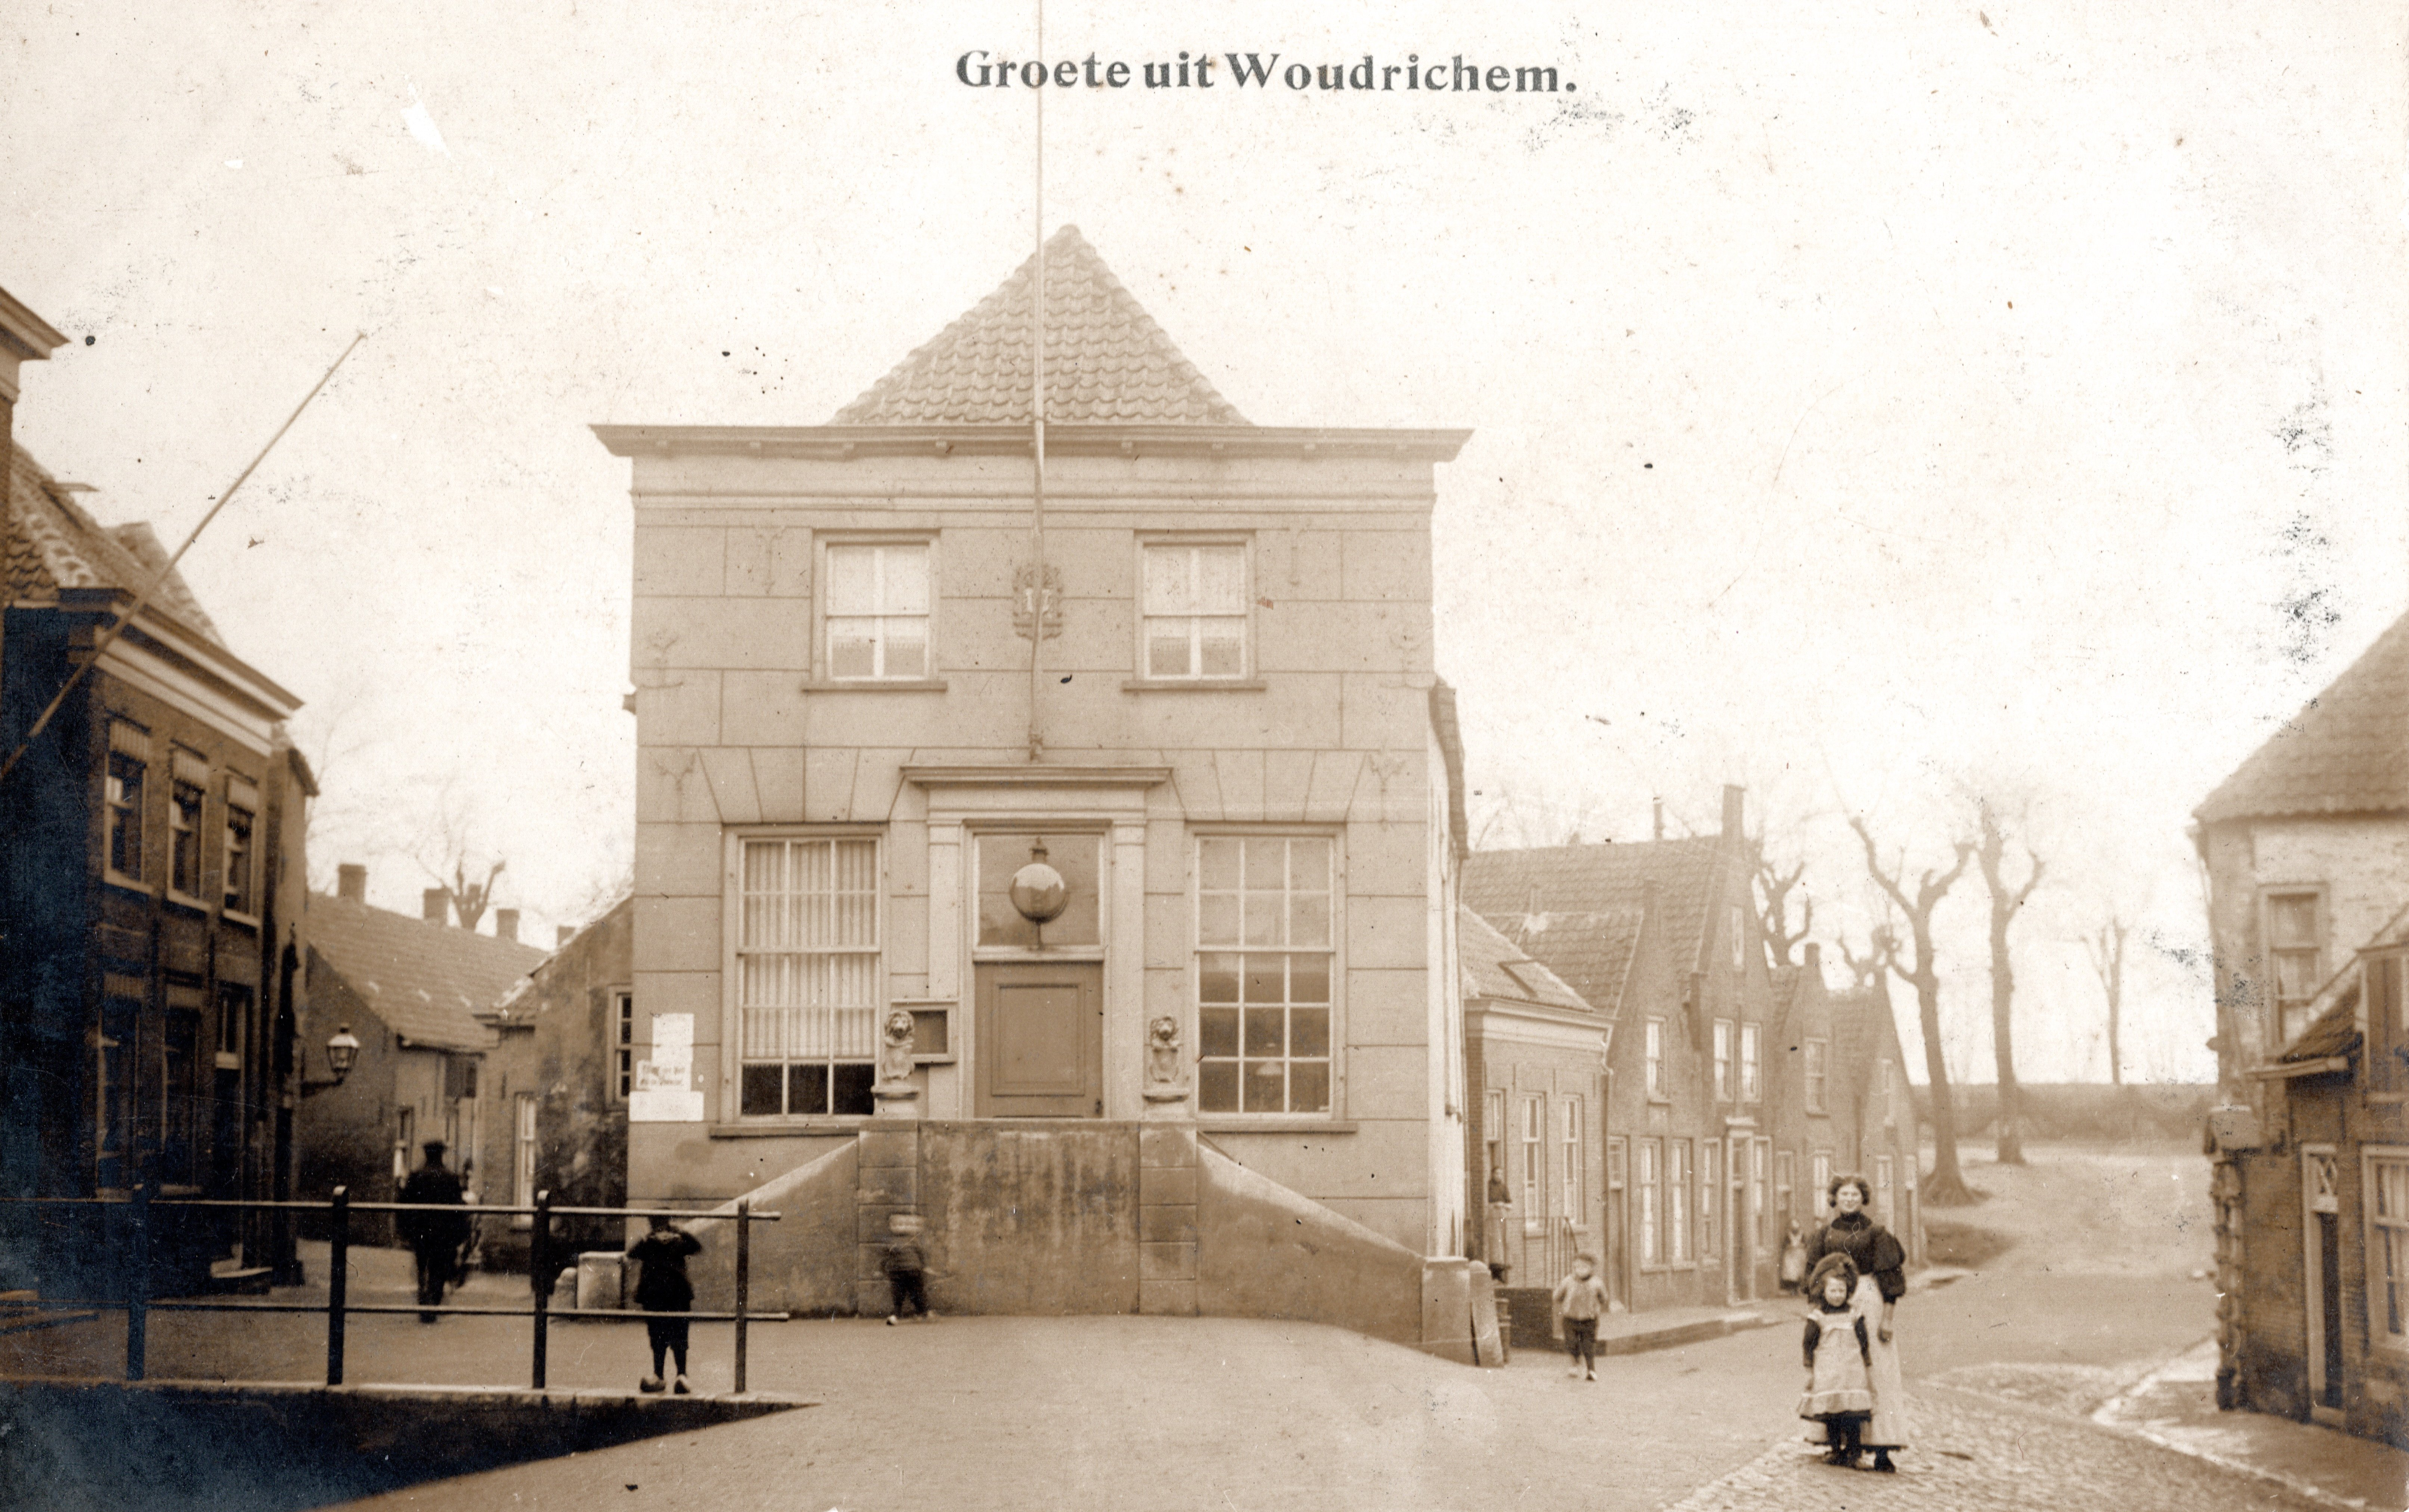 Groete-uit-Woudrichem-059